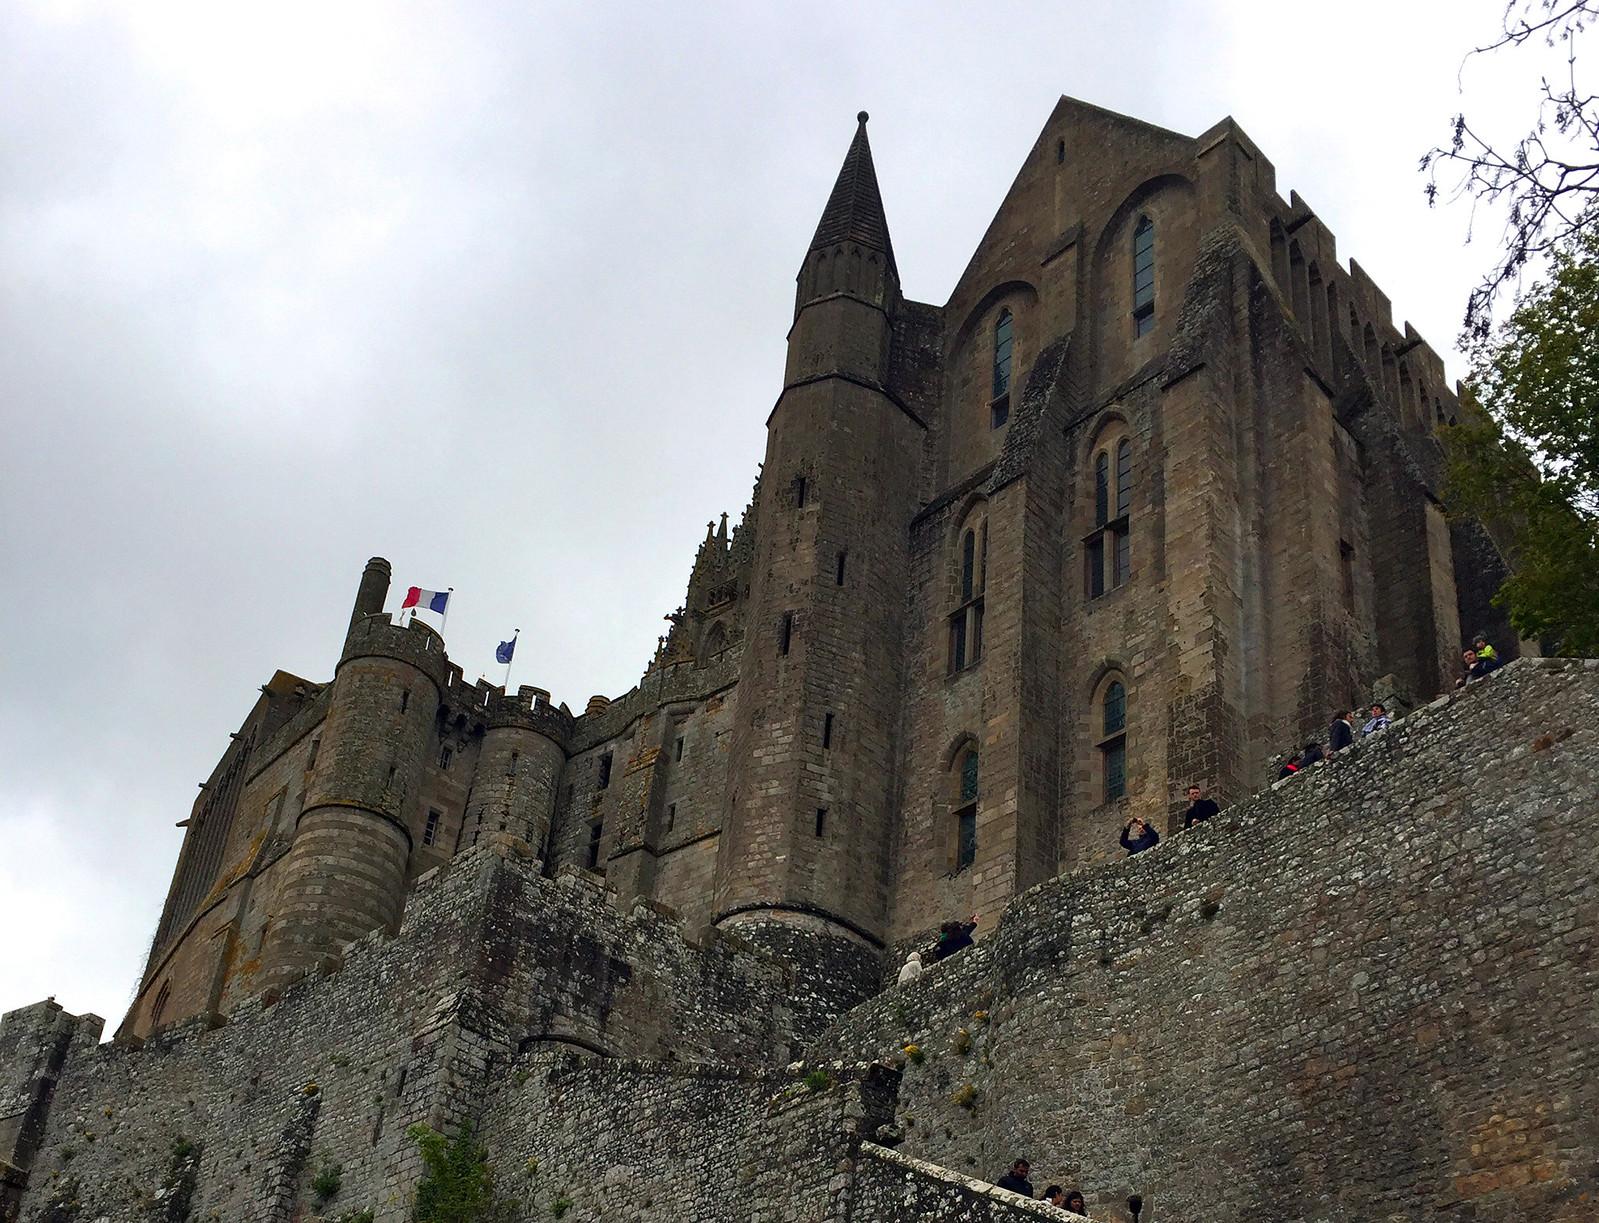 Mont Saint-Michel, France / Monte Saint-Michel, Francia mont saint-michel - 37717616711 361dfa795e h - Visitar el Mont Saint-Michel